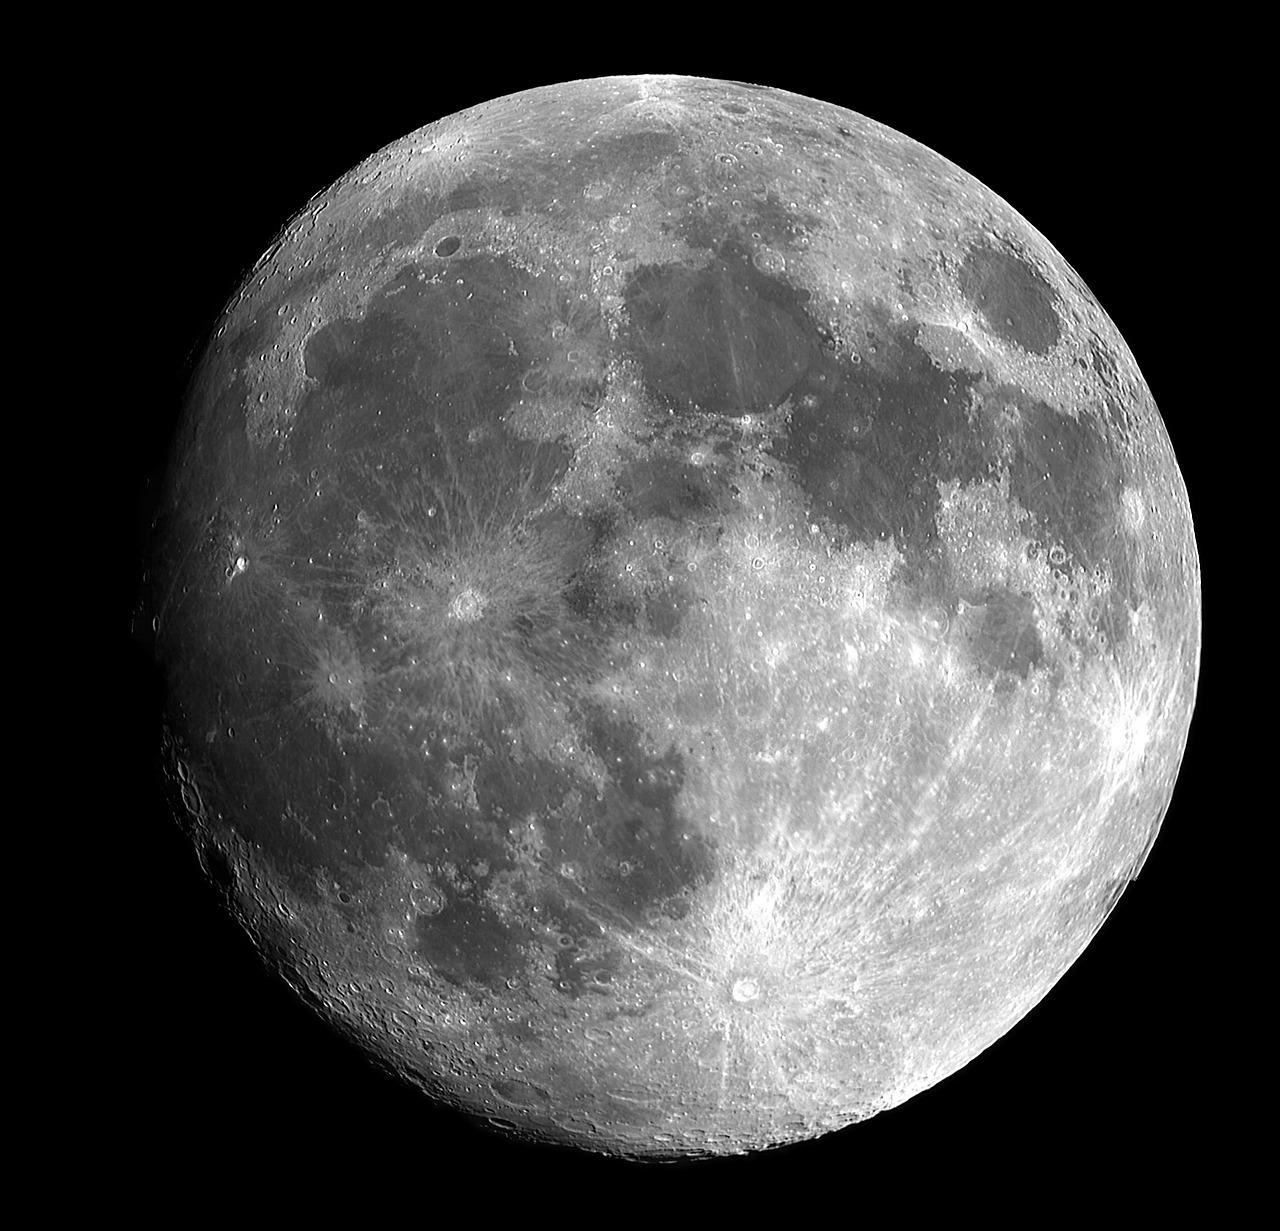 Nasa : un retour sur la Lune en 2024... pour 28 milliards de dollars - Ça m'intéresse